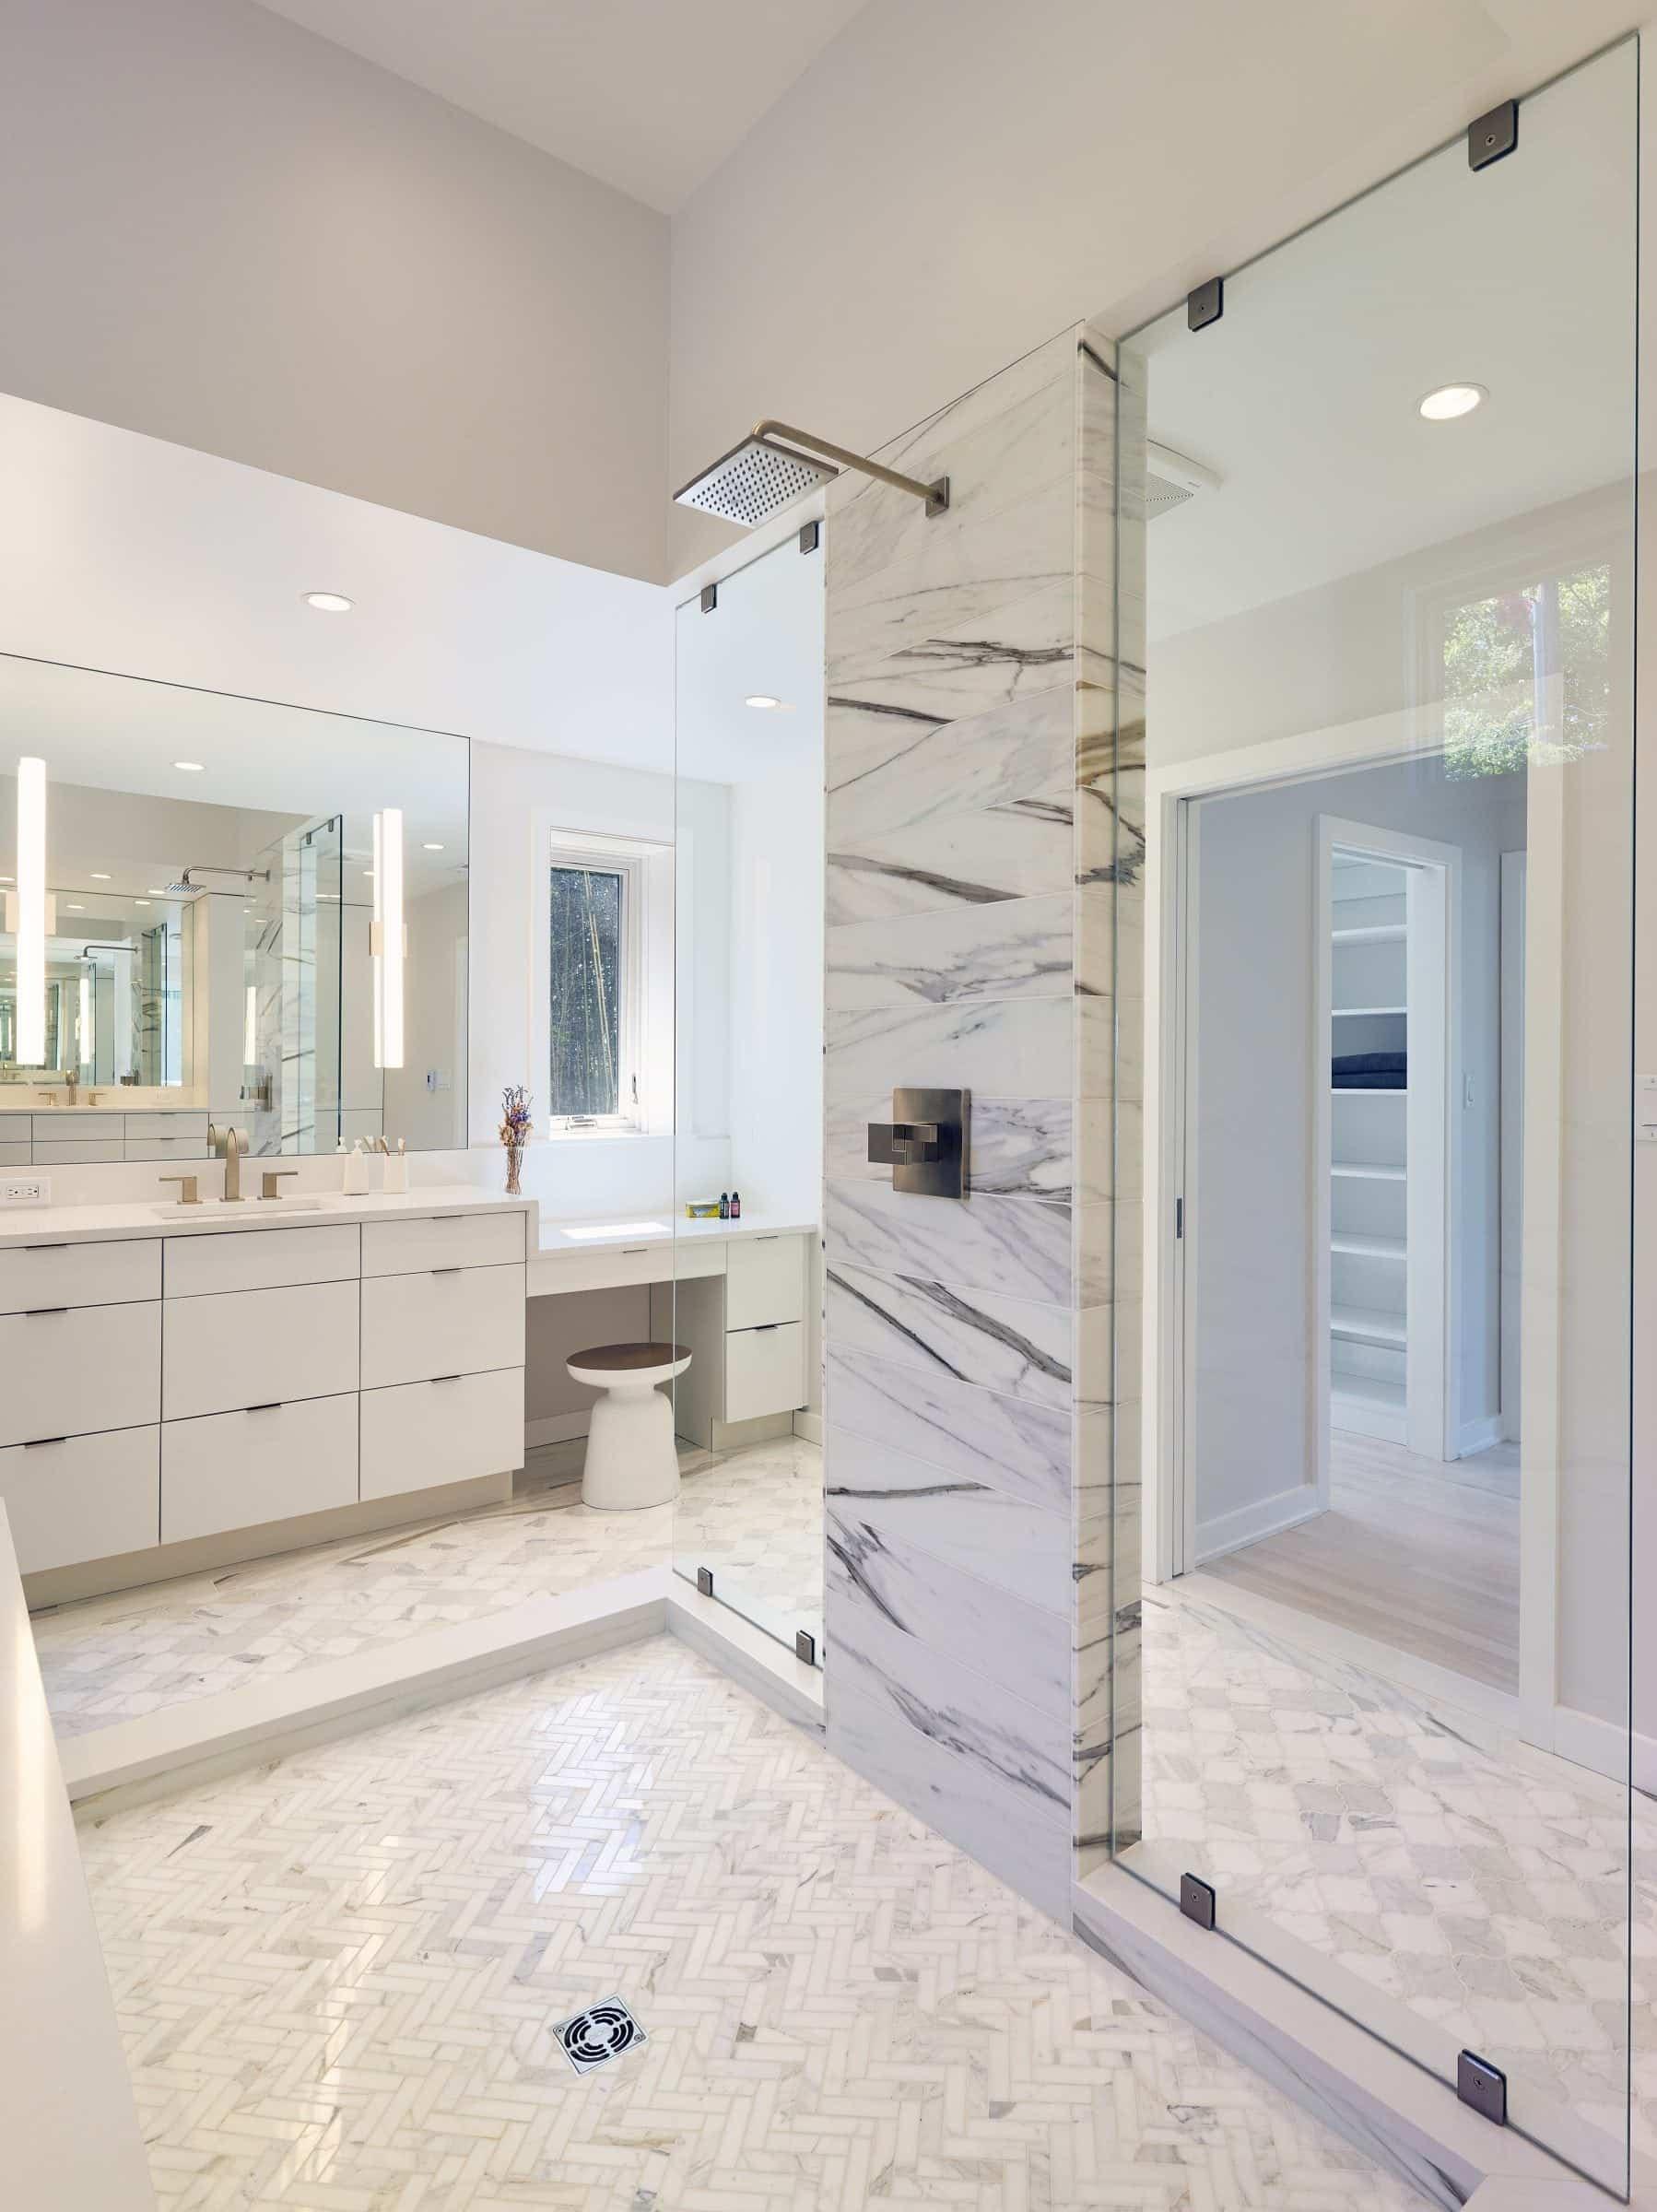 Bathroom Remodel Gallery South Miami Bathroom Remodel